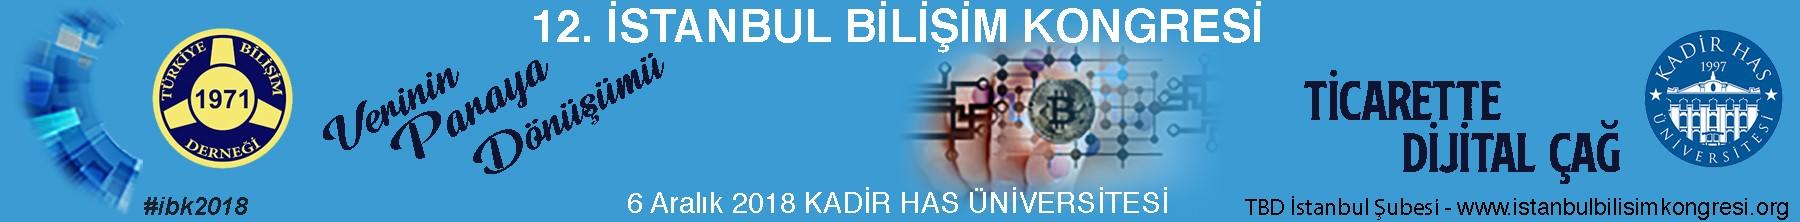 12. İstanbul Bilişim Kongresi